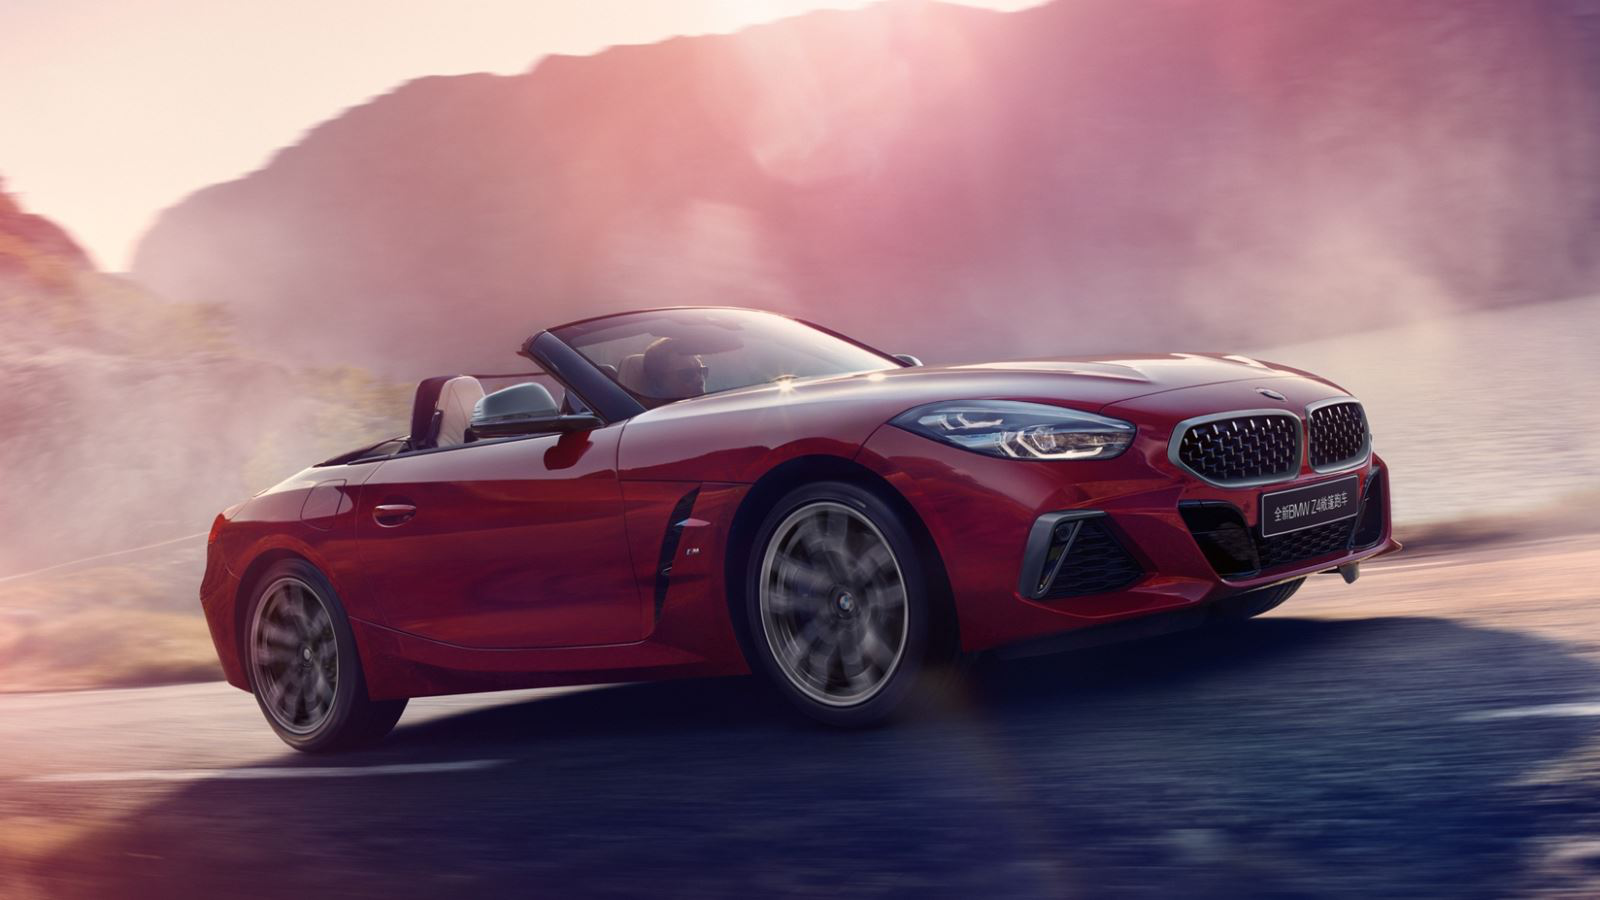 全新一代BMW Z4敞篷跑车荣耀上市